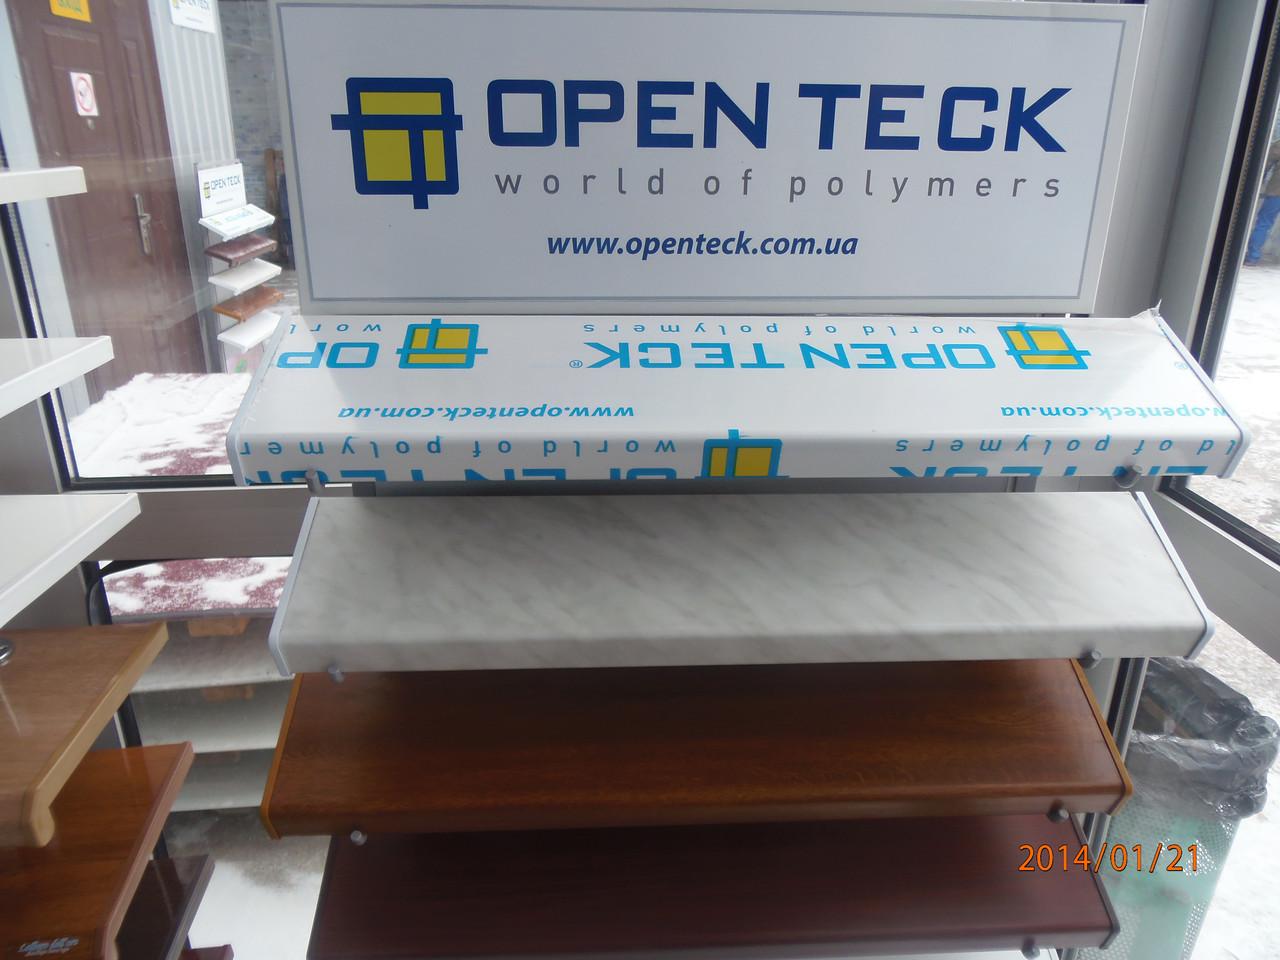 Подоконники Опентек Киев, Подоконники Openteck белые - ДомбуД ™ - Металлопластиковые окна, пластиковые подоконники, москитные сетки на окна и двери, отливы в Киеве